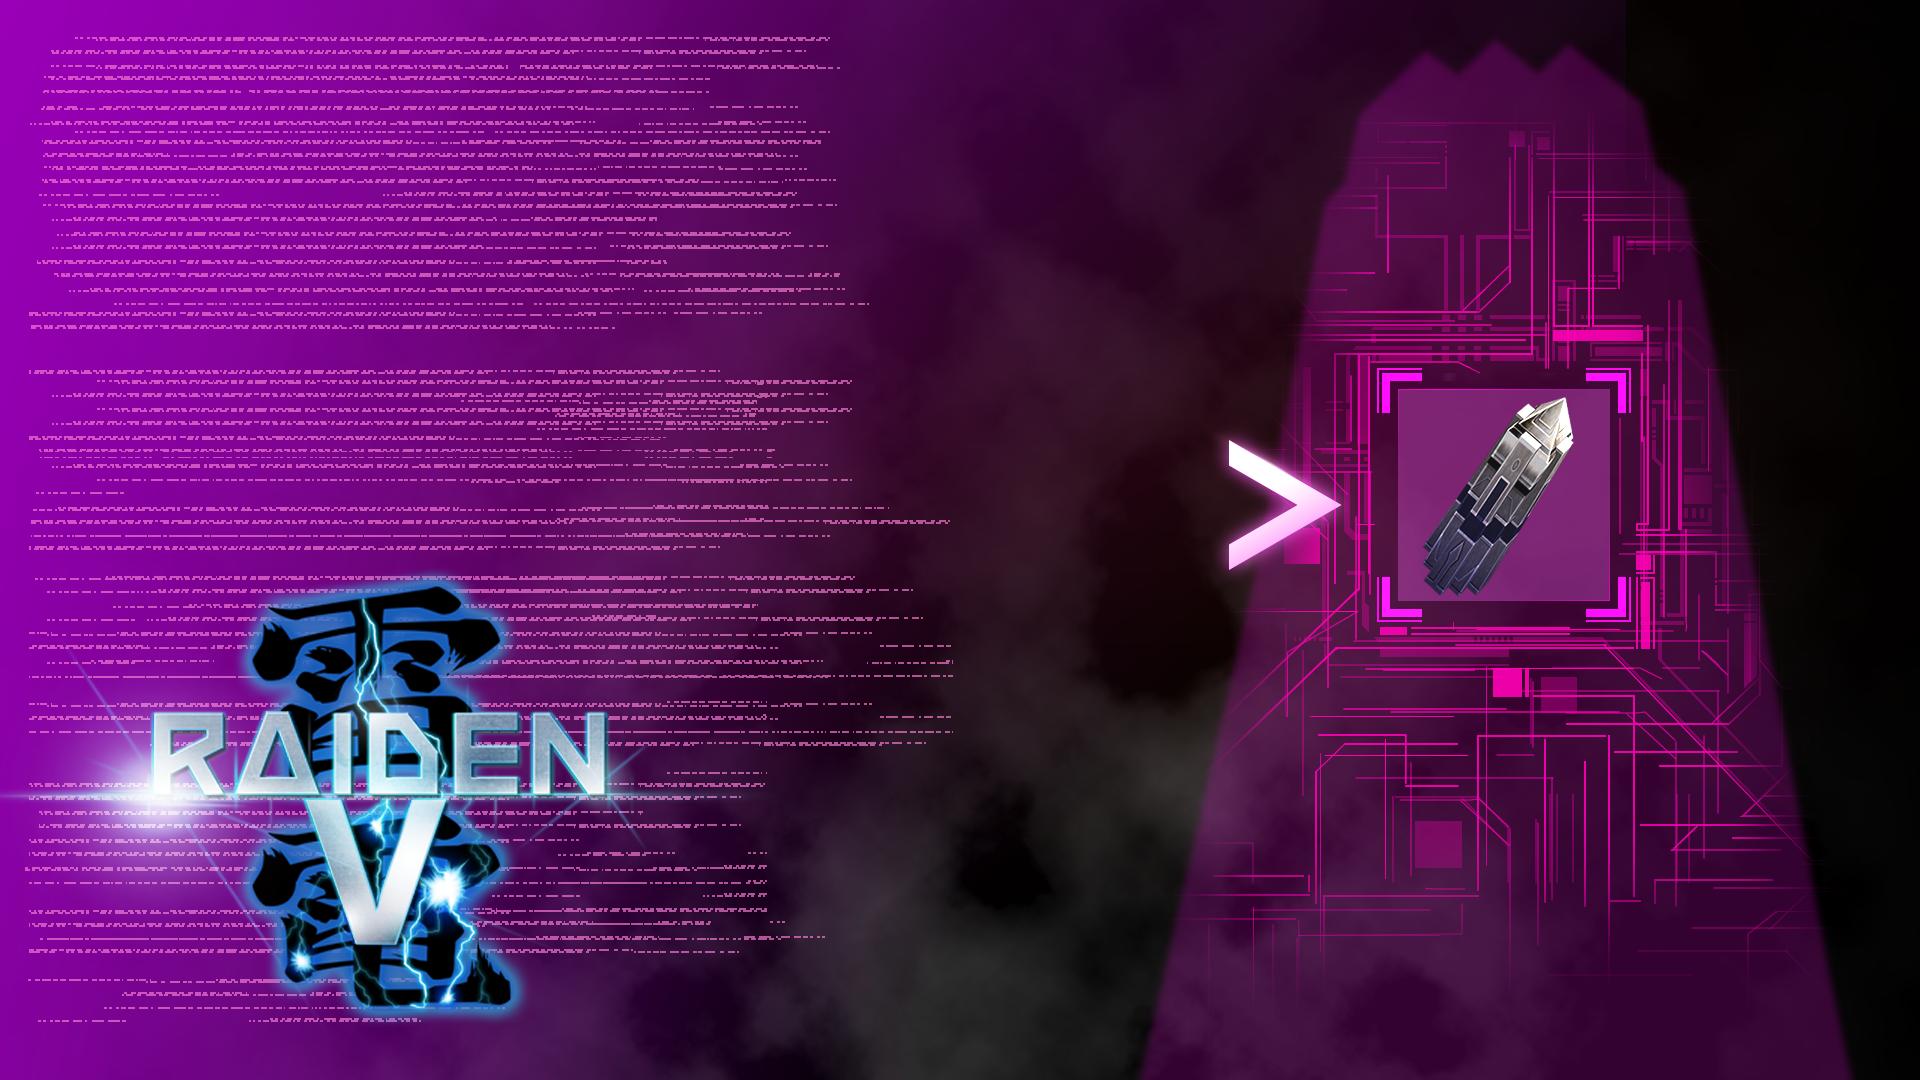 コンタクト achievement for Raiden V on Xbox One